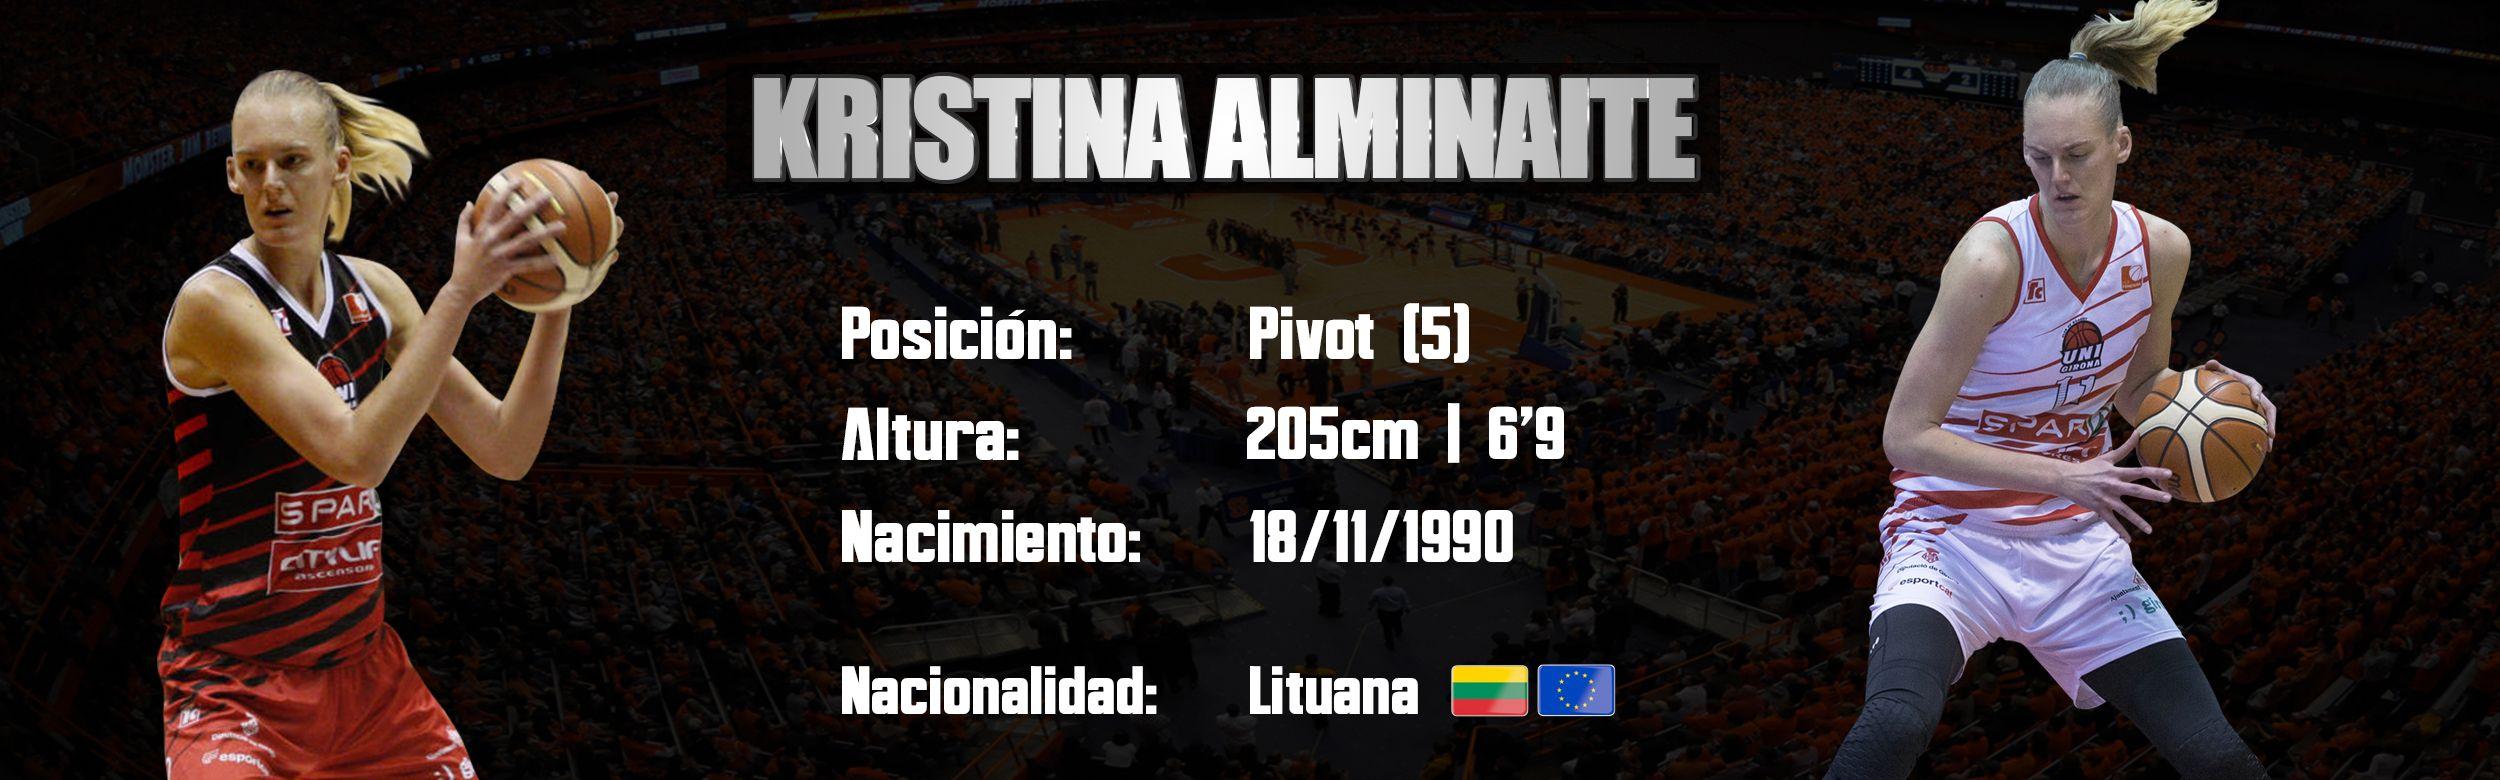 Kristina Alminaite